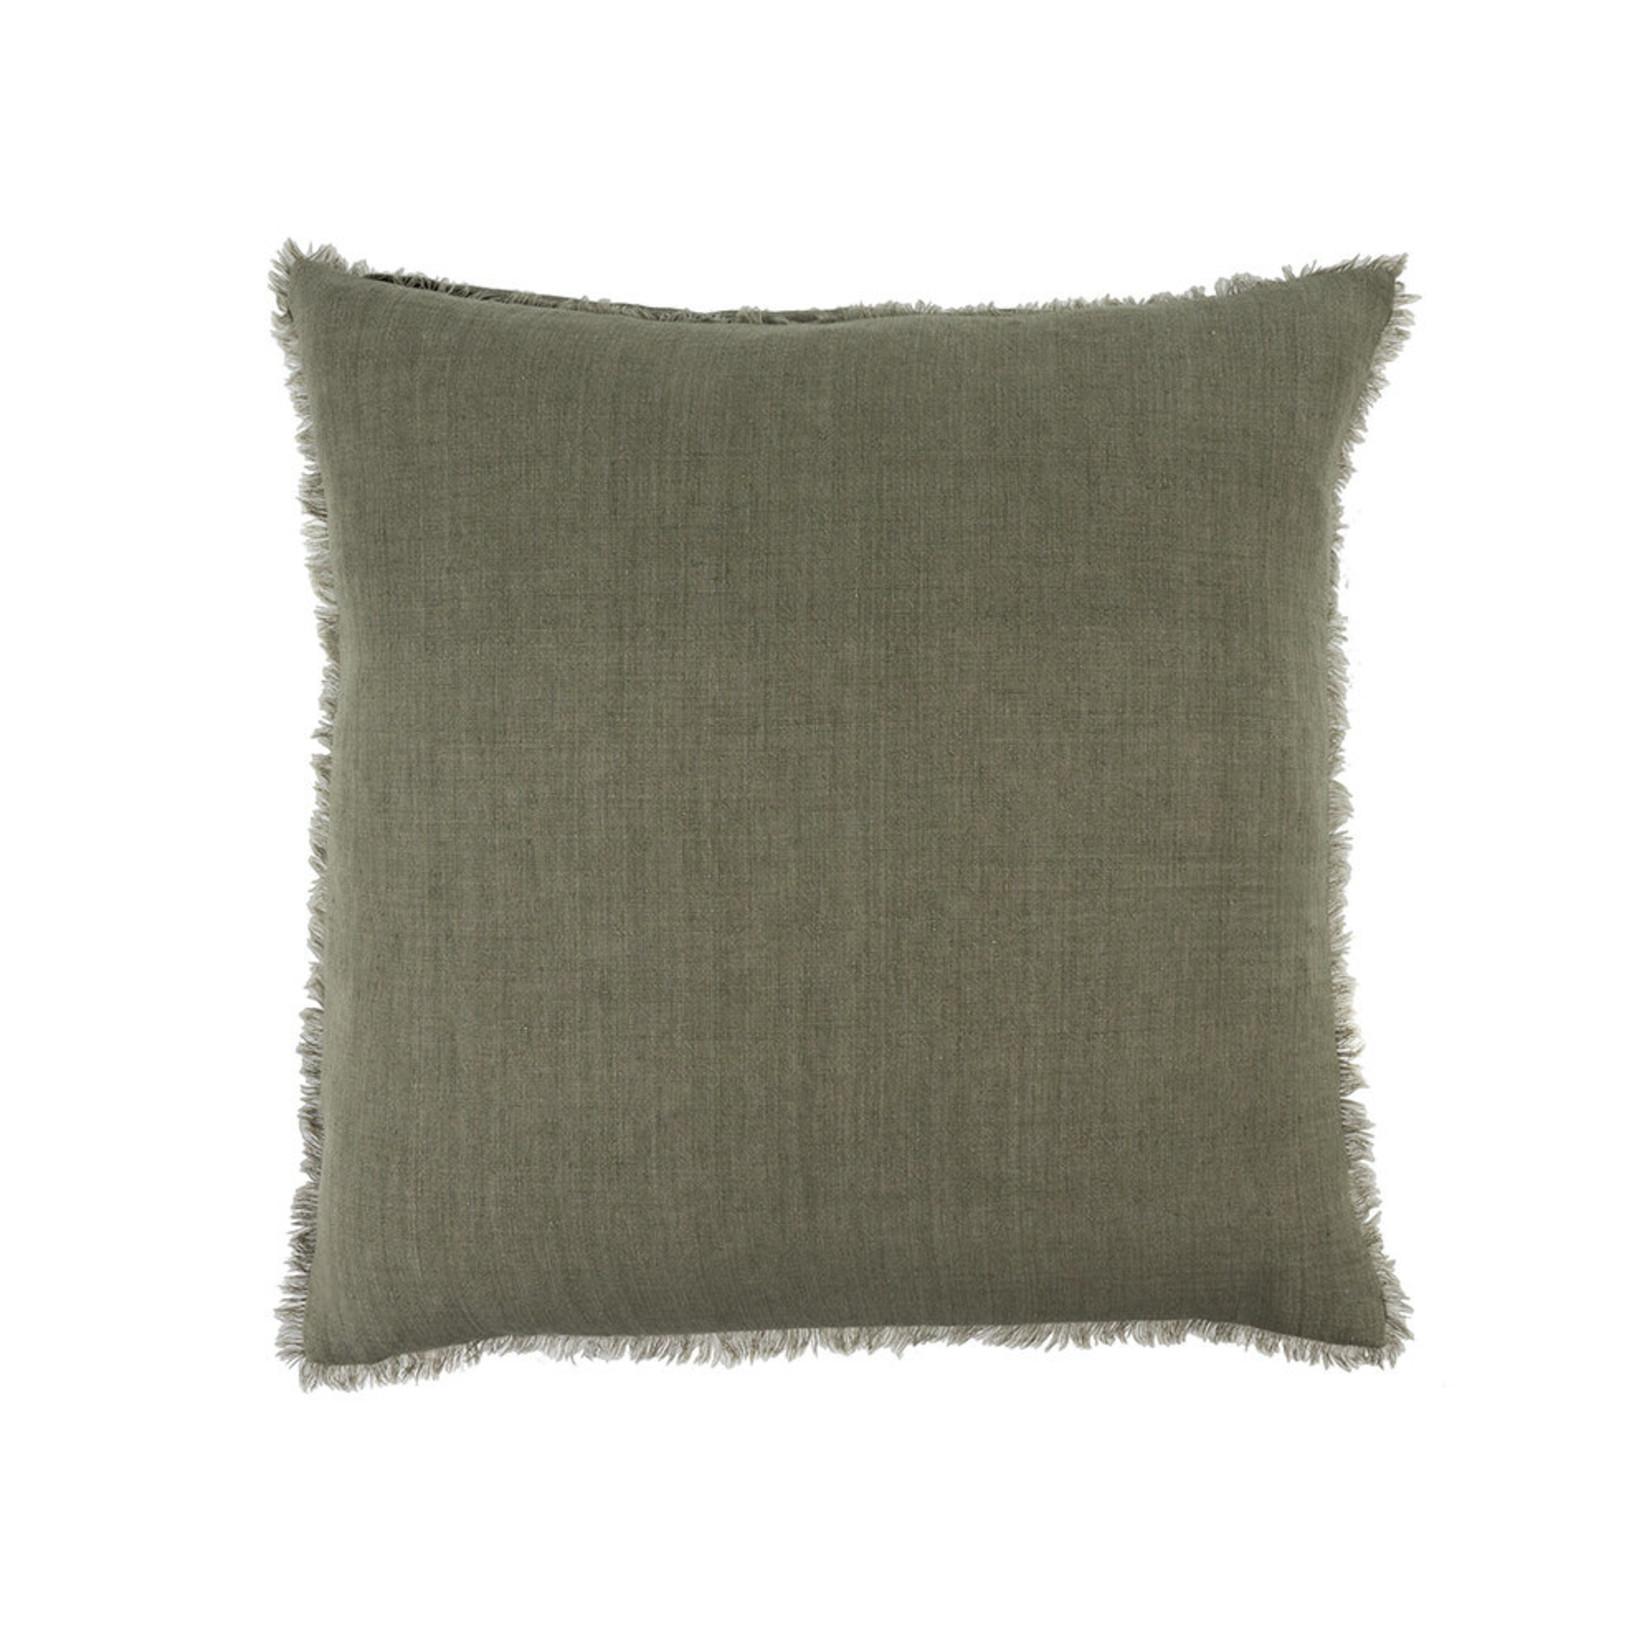 Indaba Lina Linen Pillow